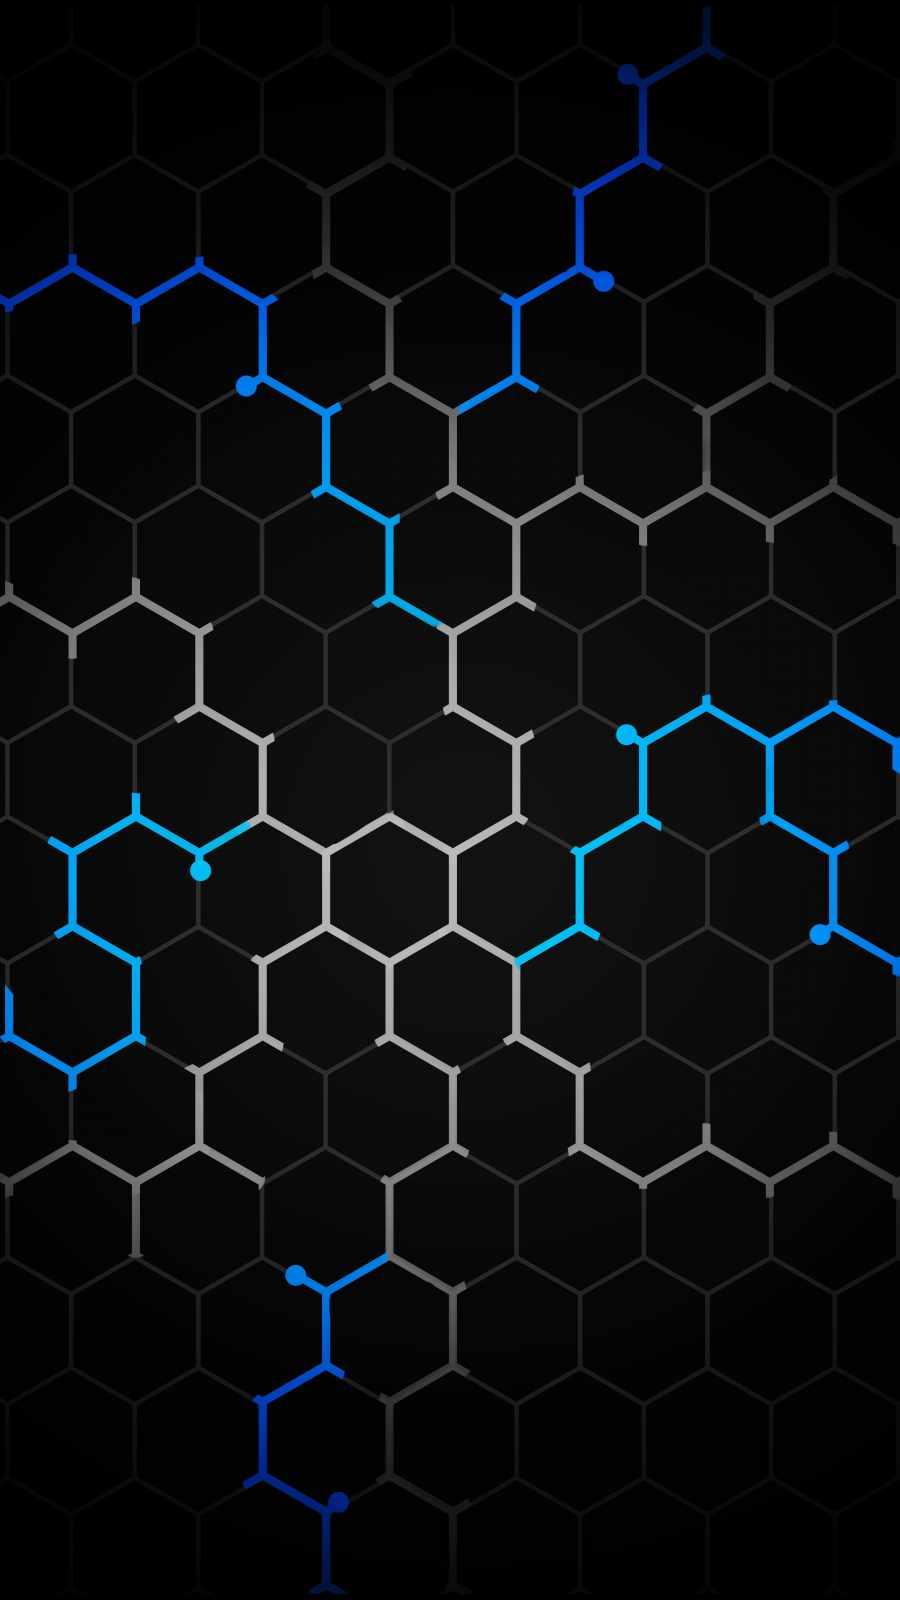 Hexagon Design iPhone Wallpaper